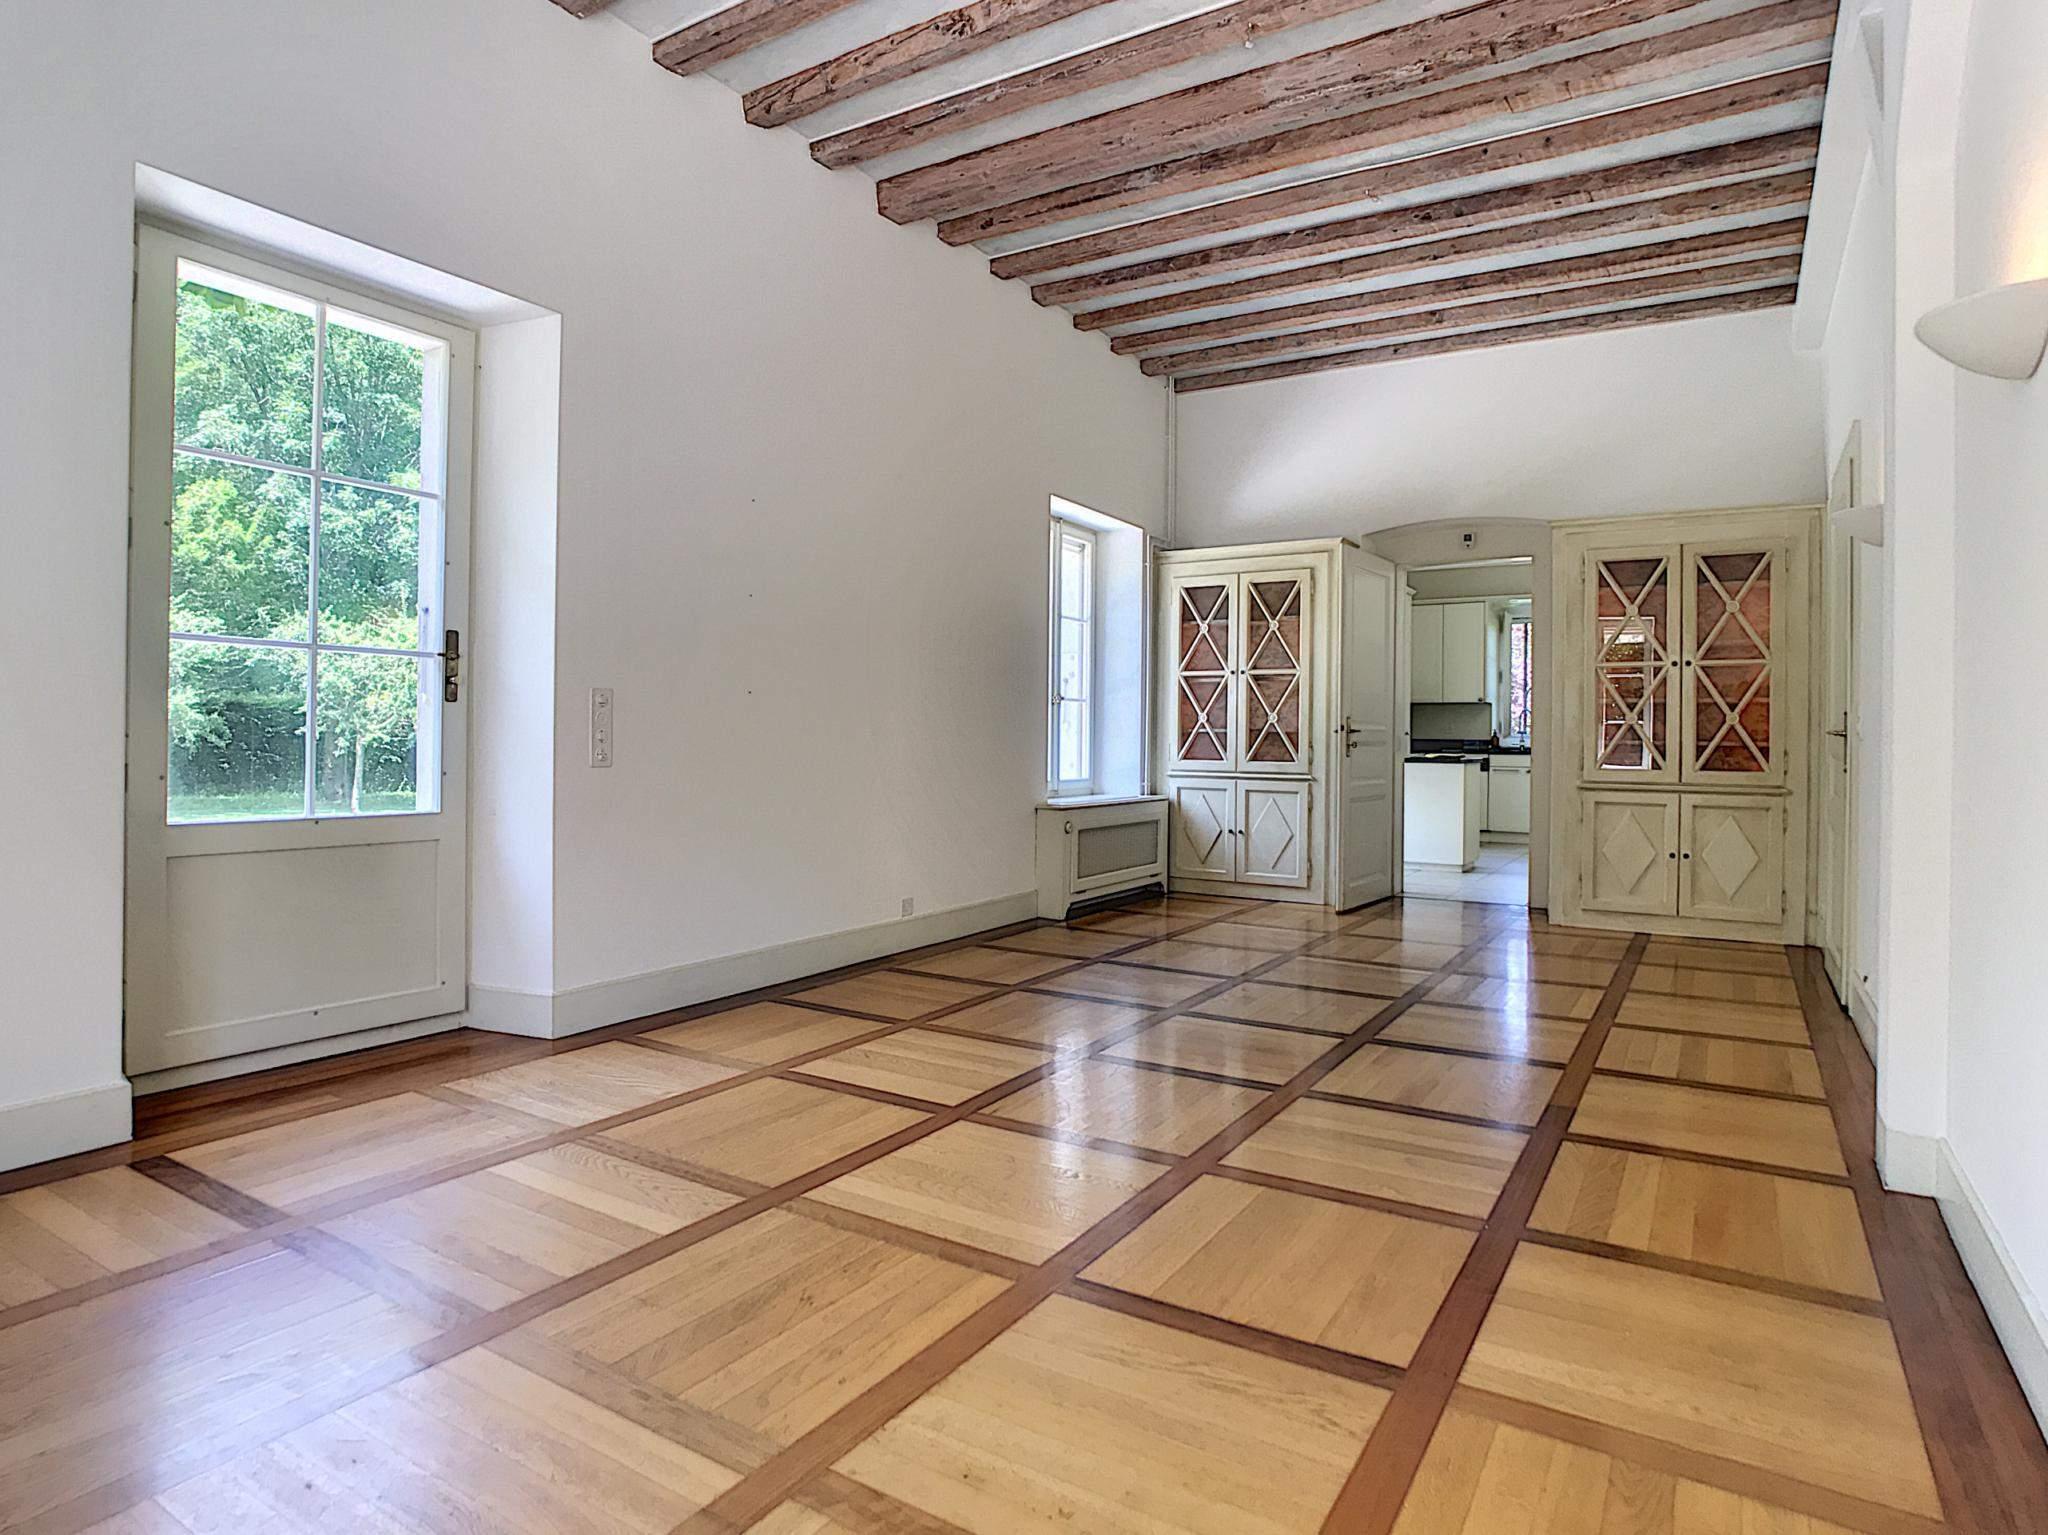 Bogis-Bossey  - Maison 10.5 Pièces 6 Chambres - picture 3